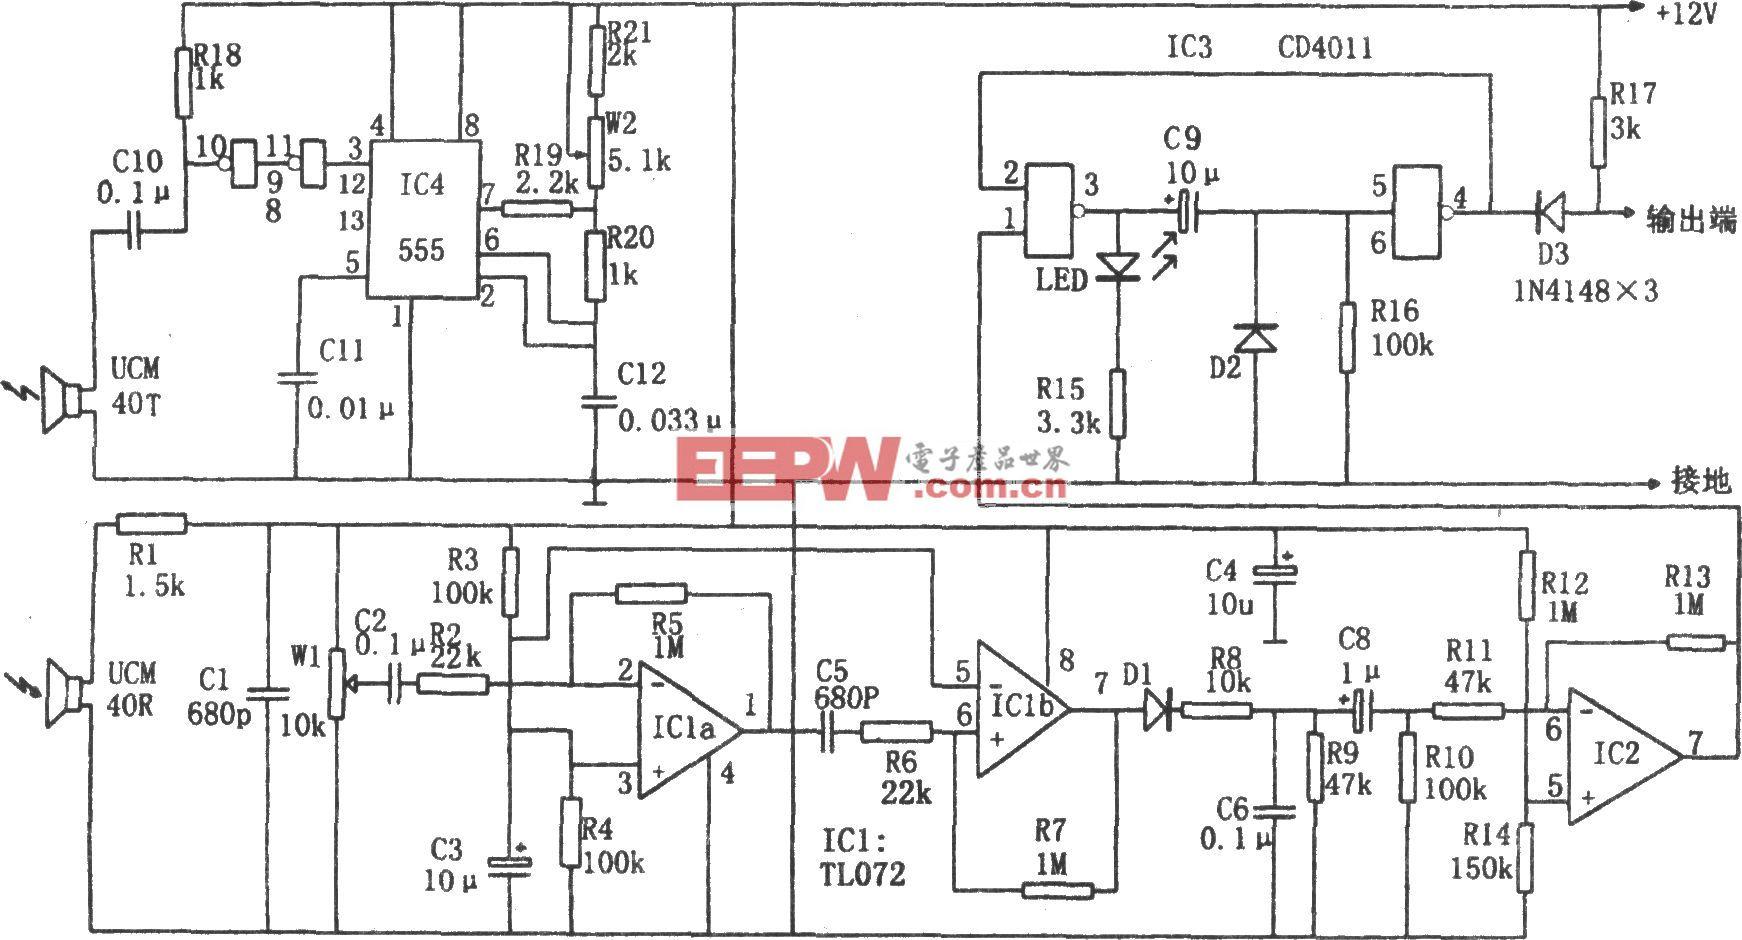 超声波防盗报警器(CD4011、TL072、555)